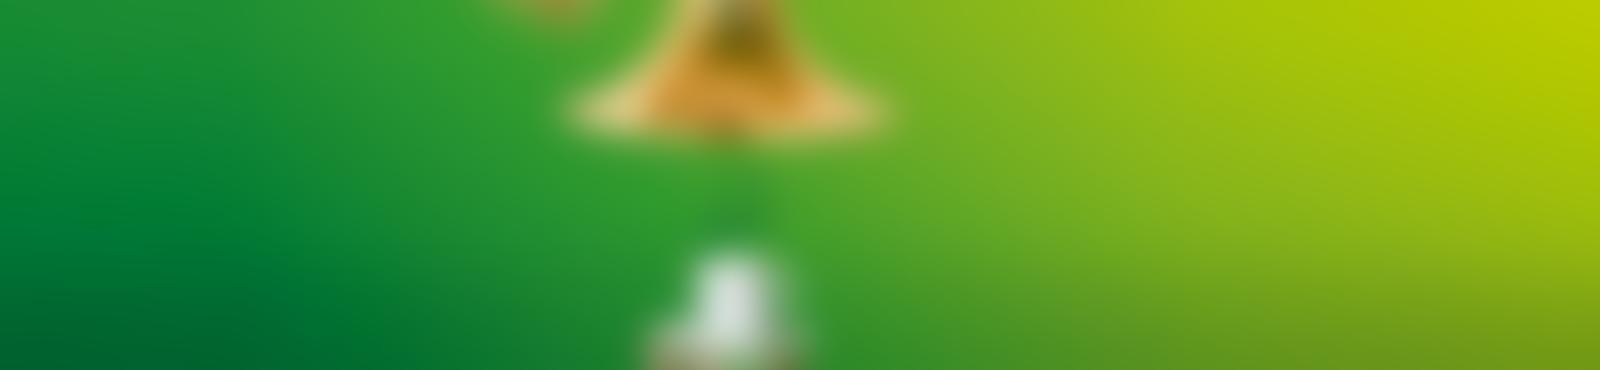 Blurred 08b6a3d1 6b00 4ec4 9517 ceb33b14bdc1